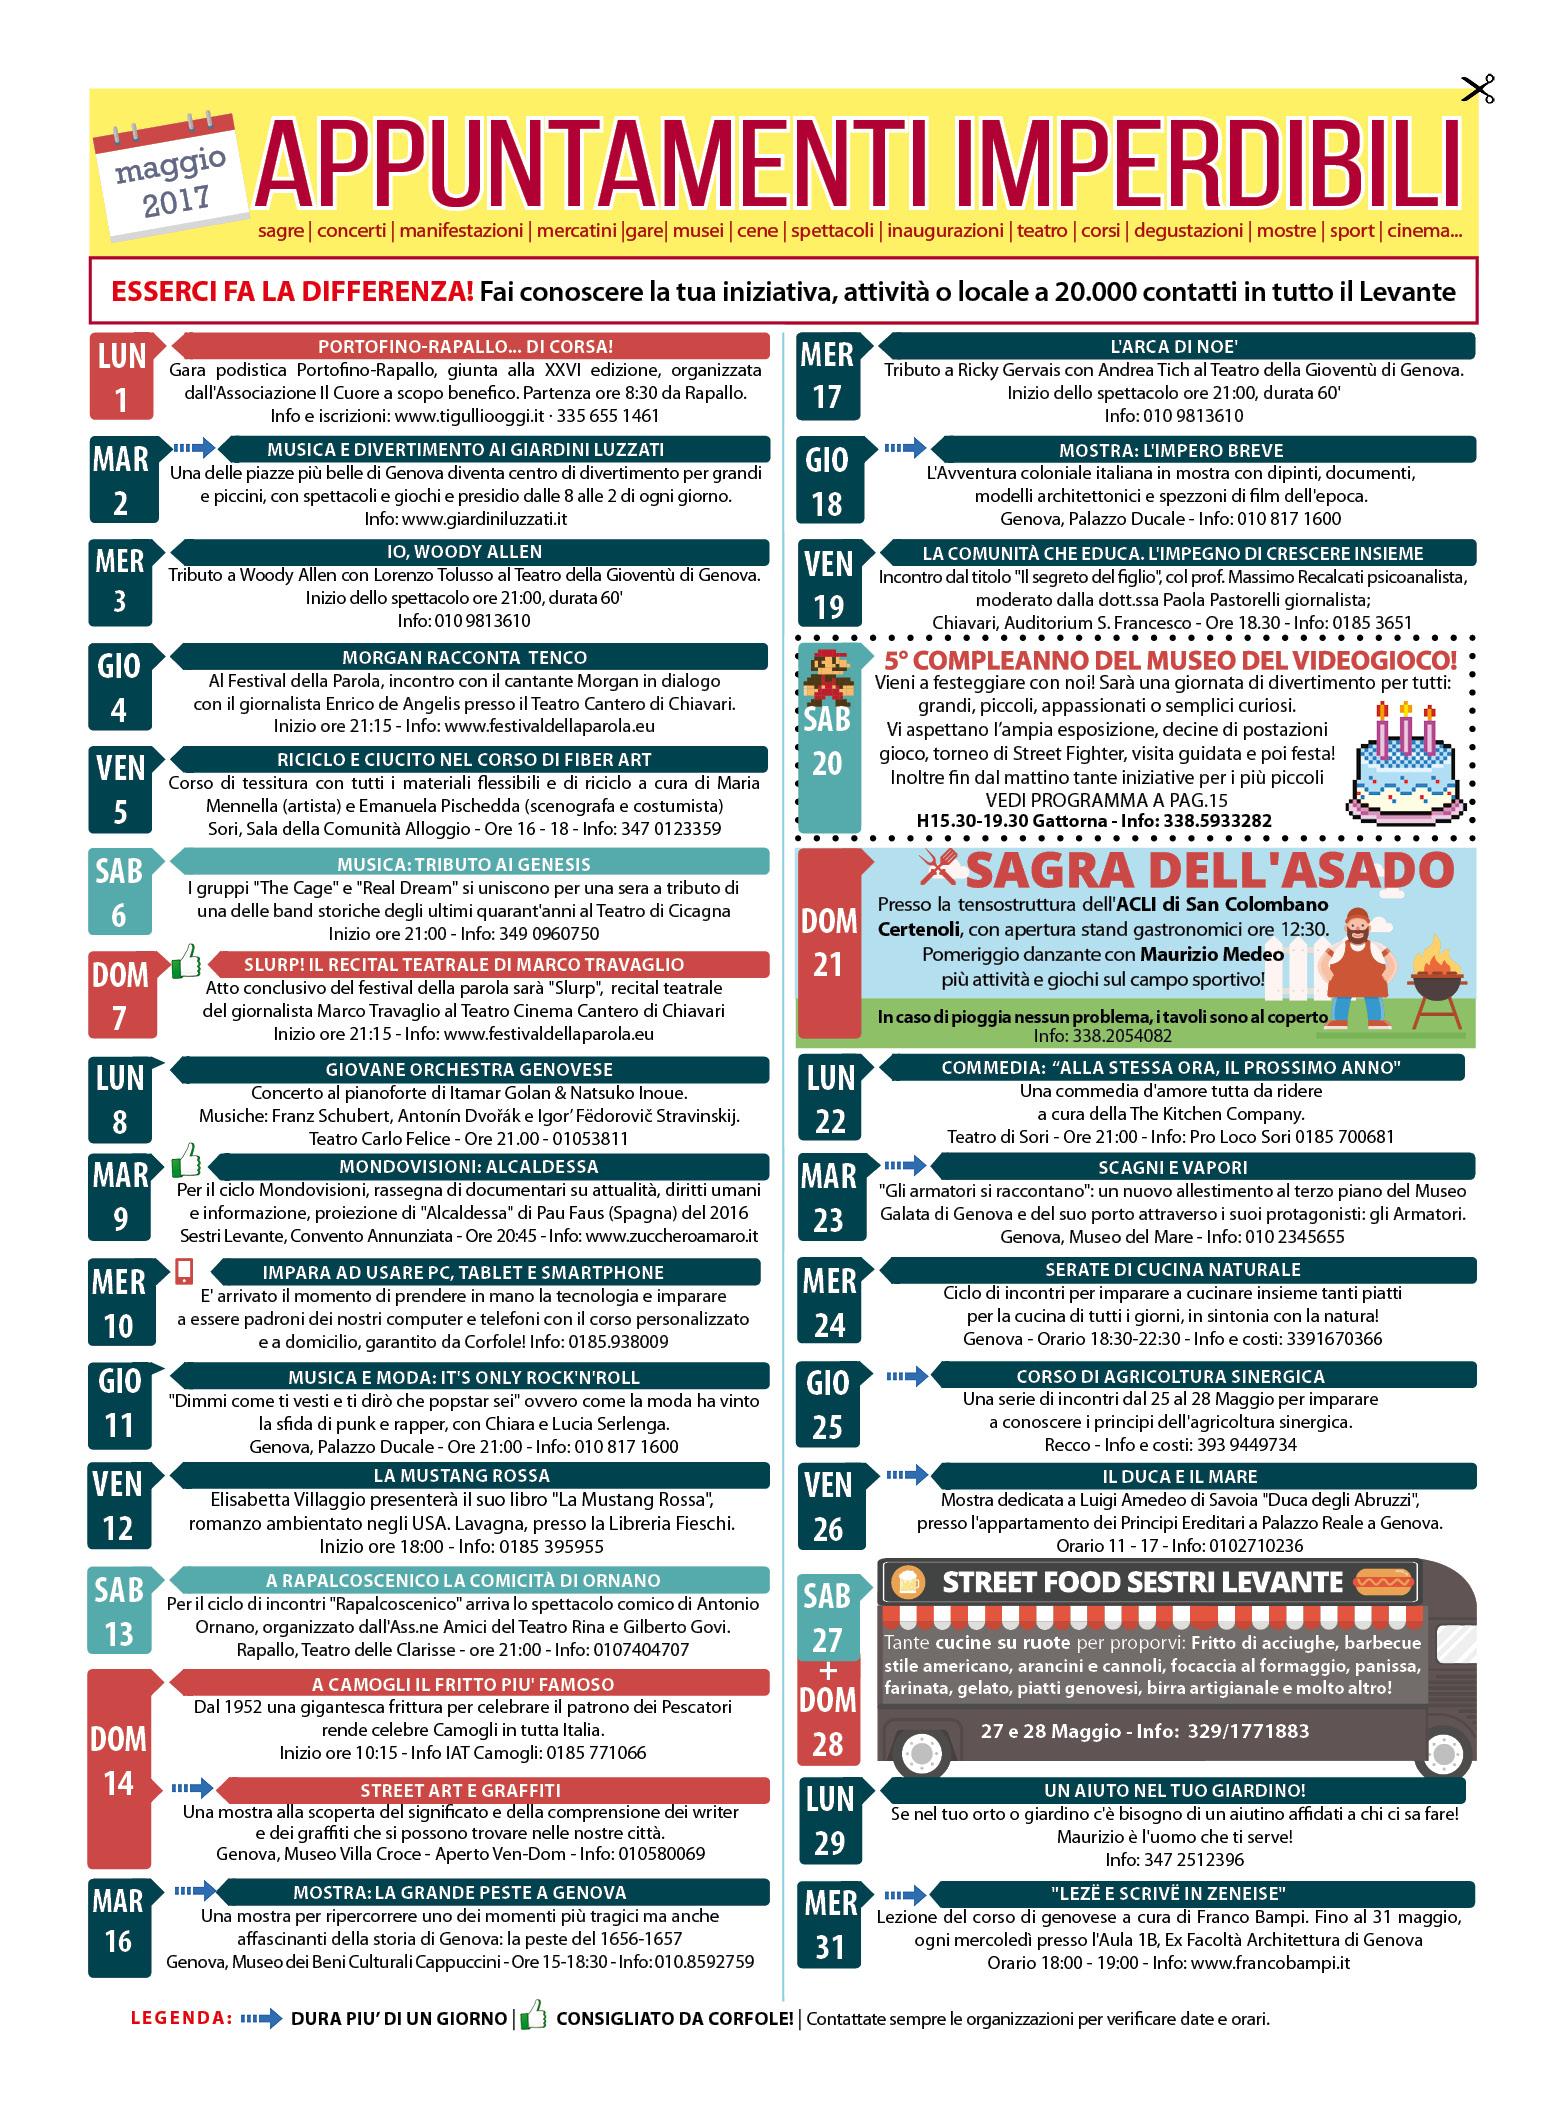 CALENDARIO EVENTI IMPERDIBILI MAGGIO 2017: Sagre, mercatini, concerti, spettacoli, teatro, mostre, corsi, ristoranti e molto altro